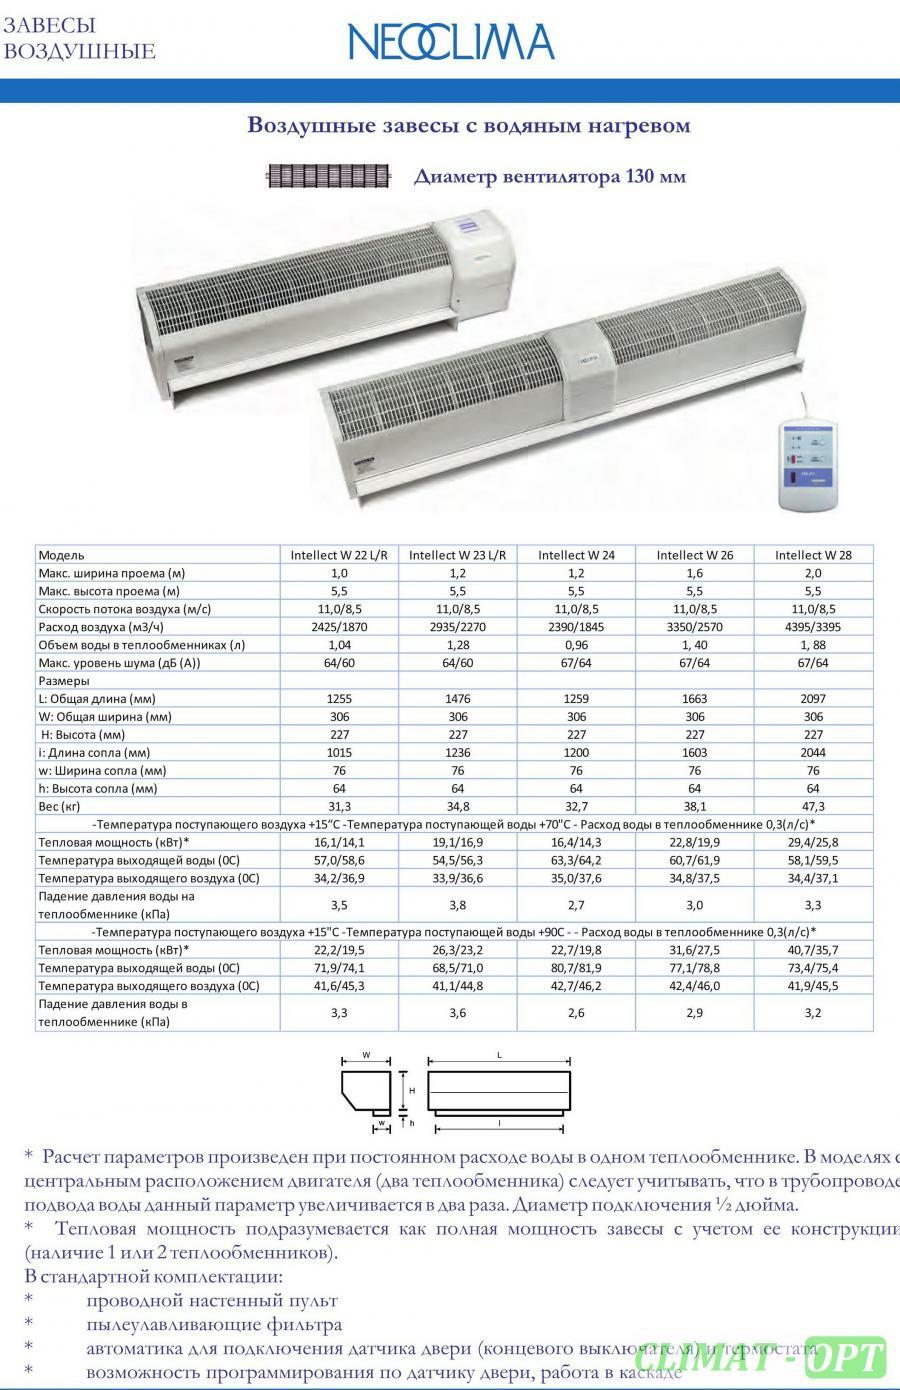 Завеса тепловая  с водяным нагревом Neoclima Intellect W L/R IOB